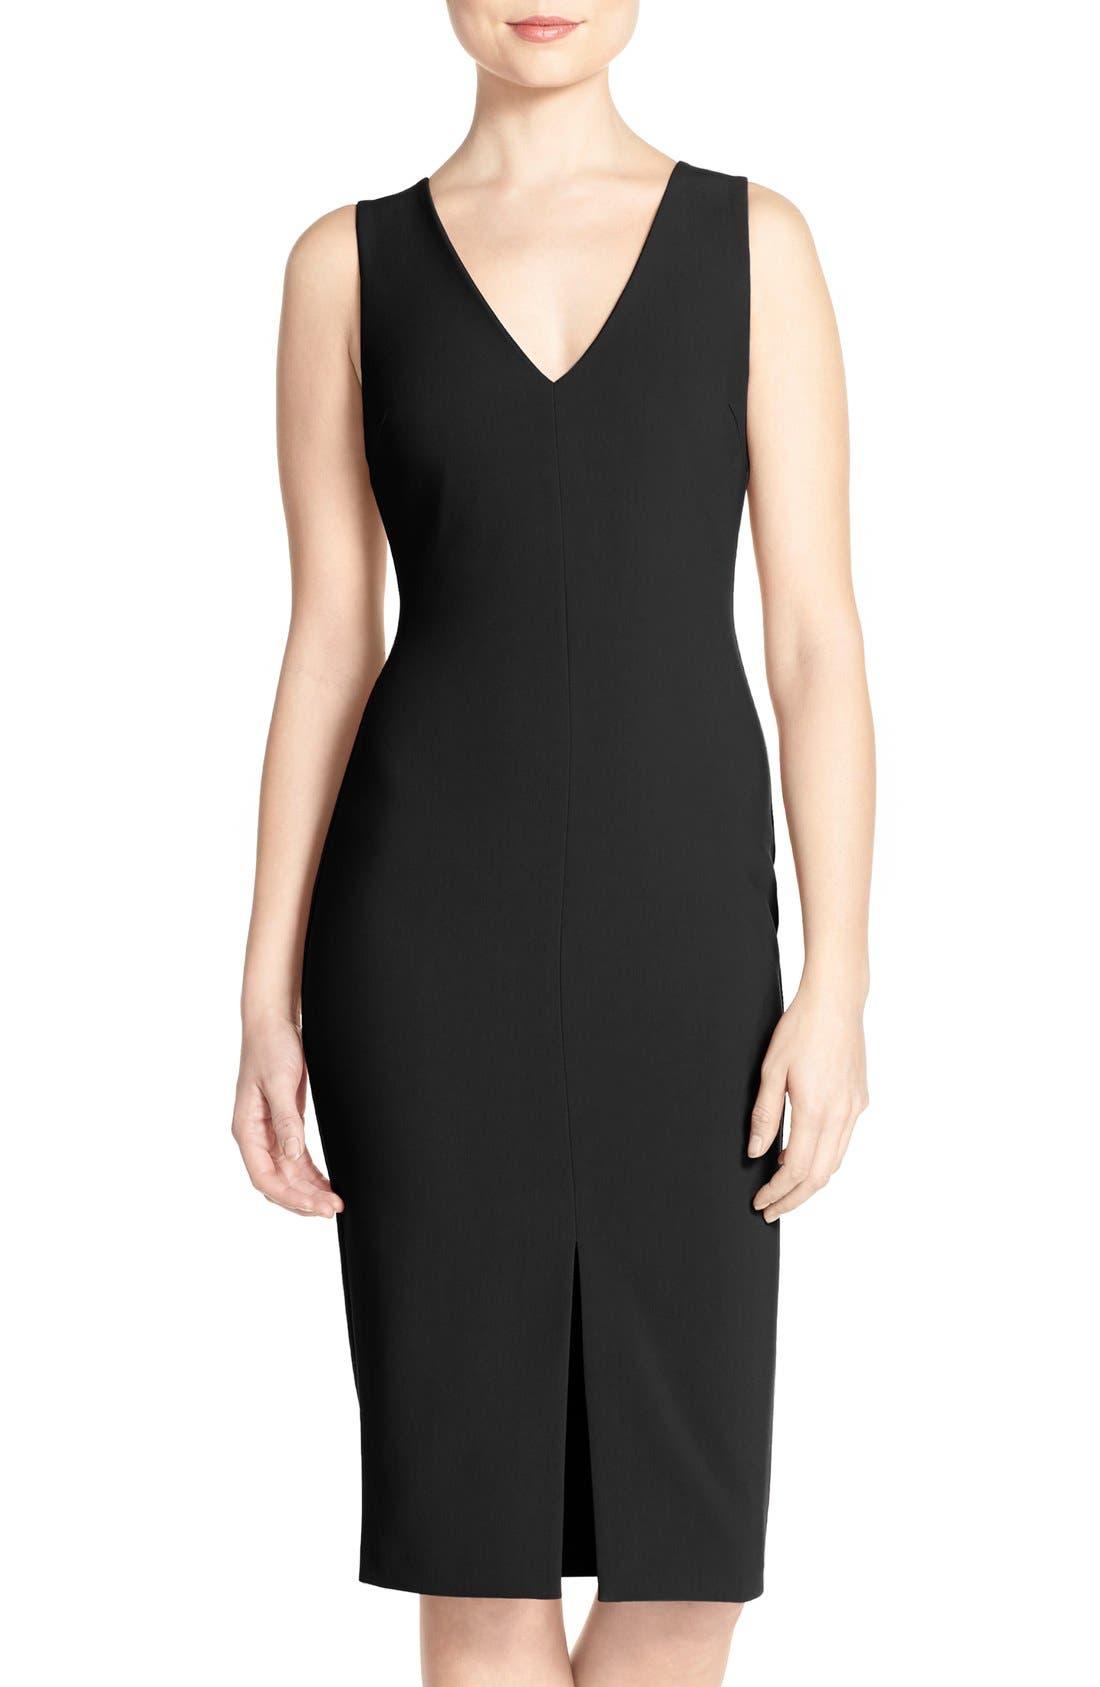 LIKELY 'Park' V-Neck Sheath Midi Dress